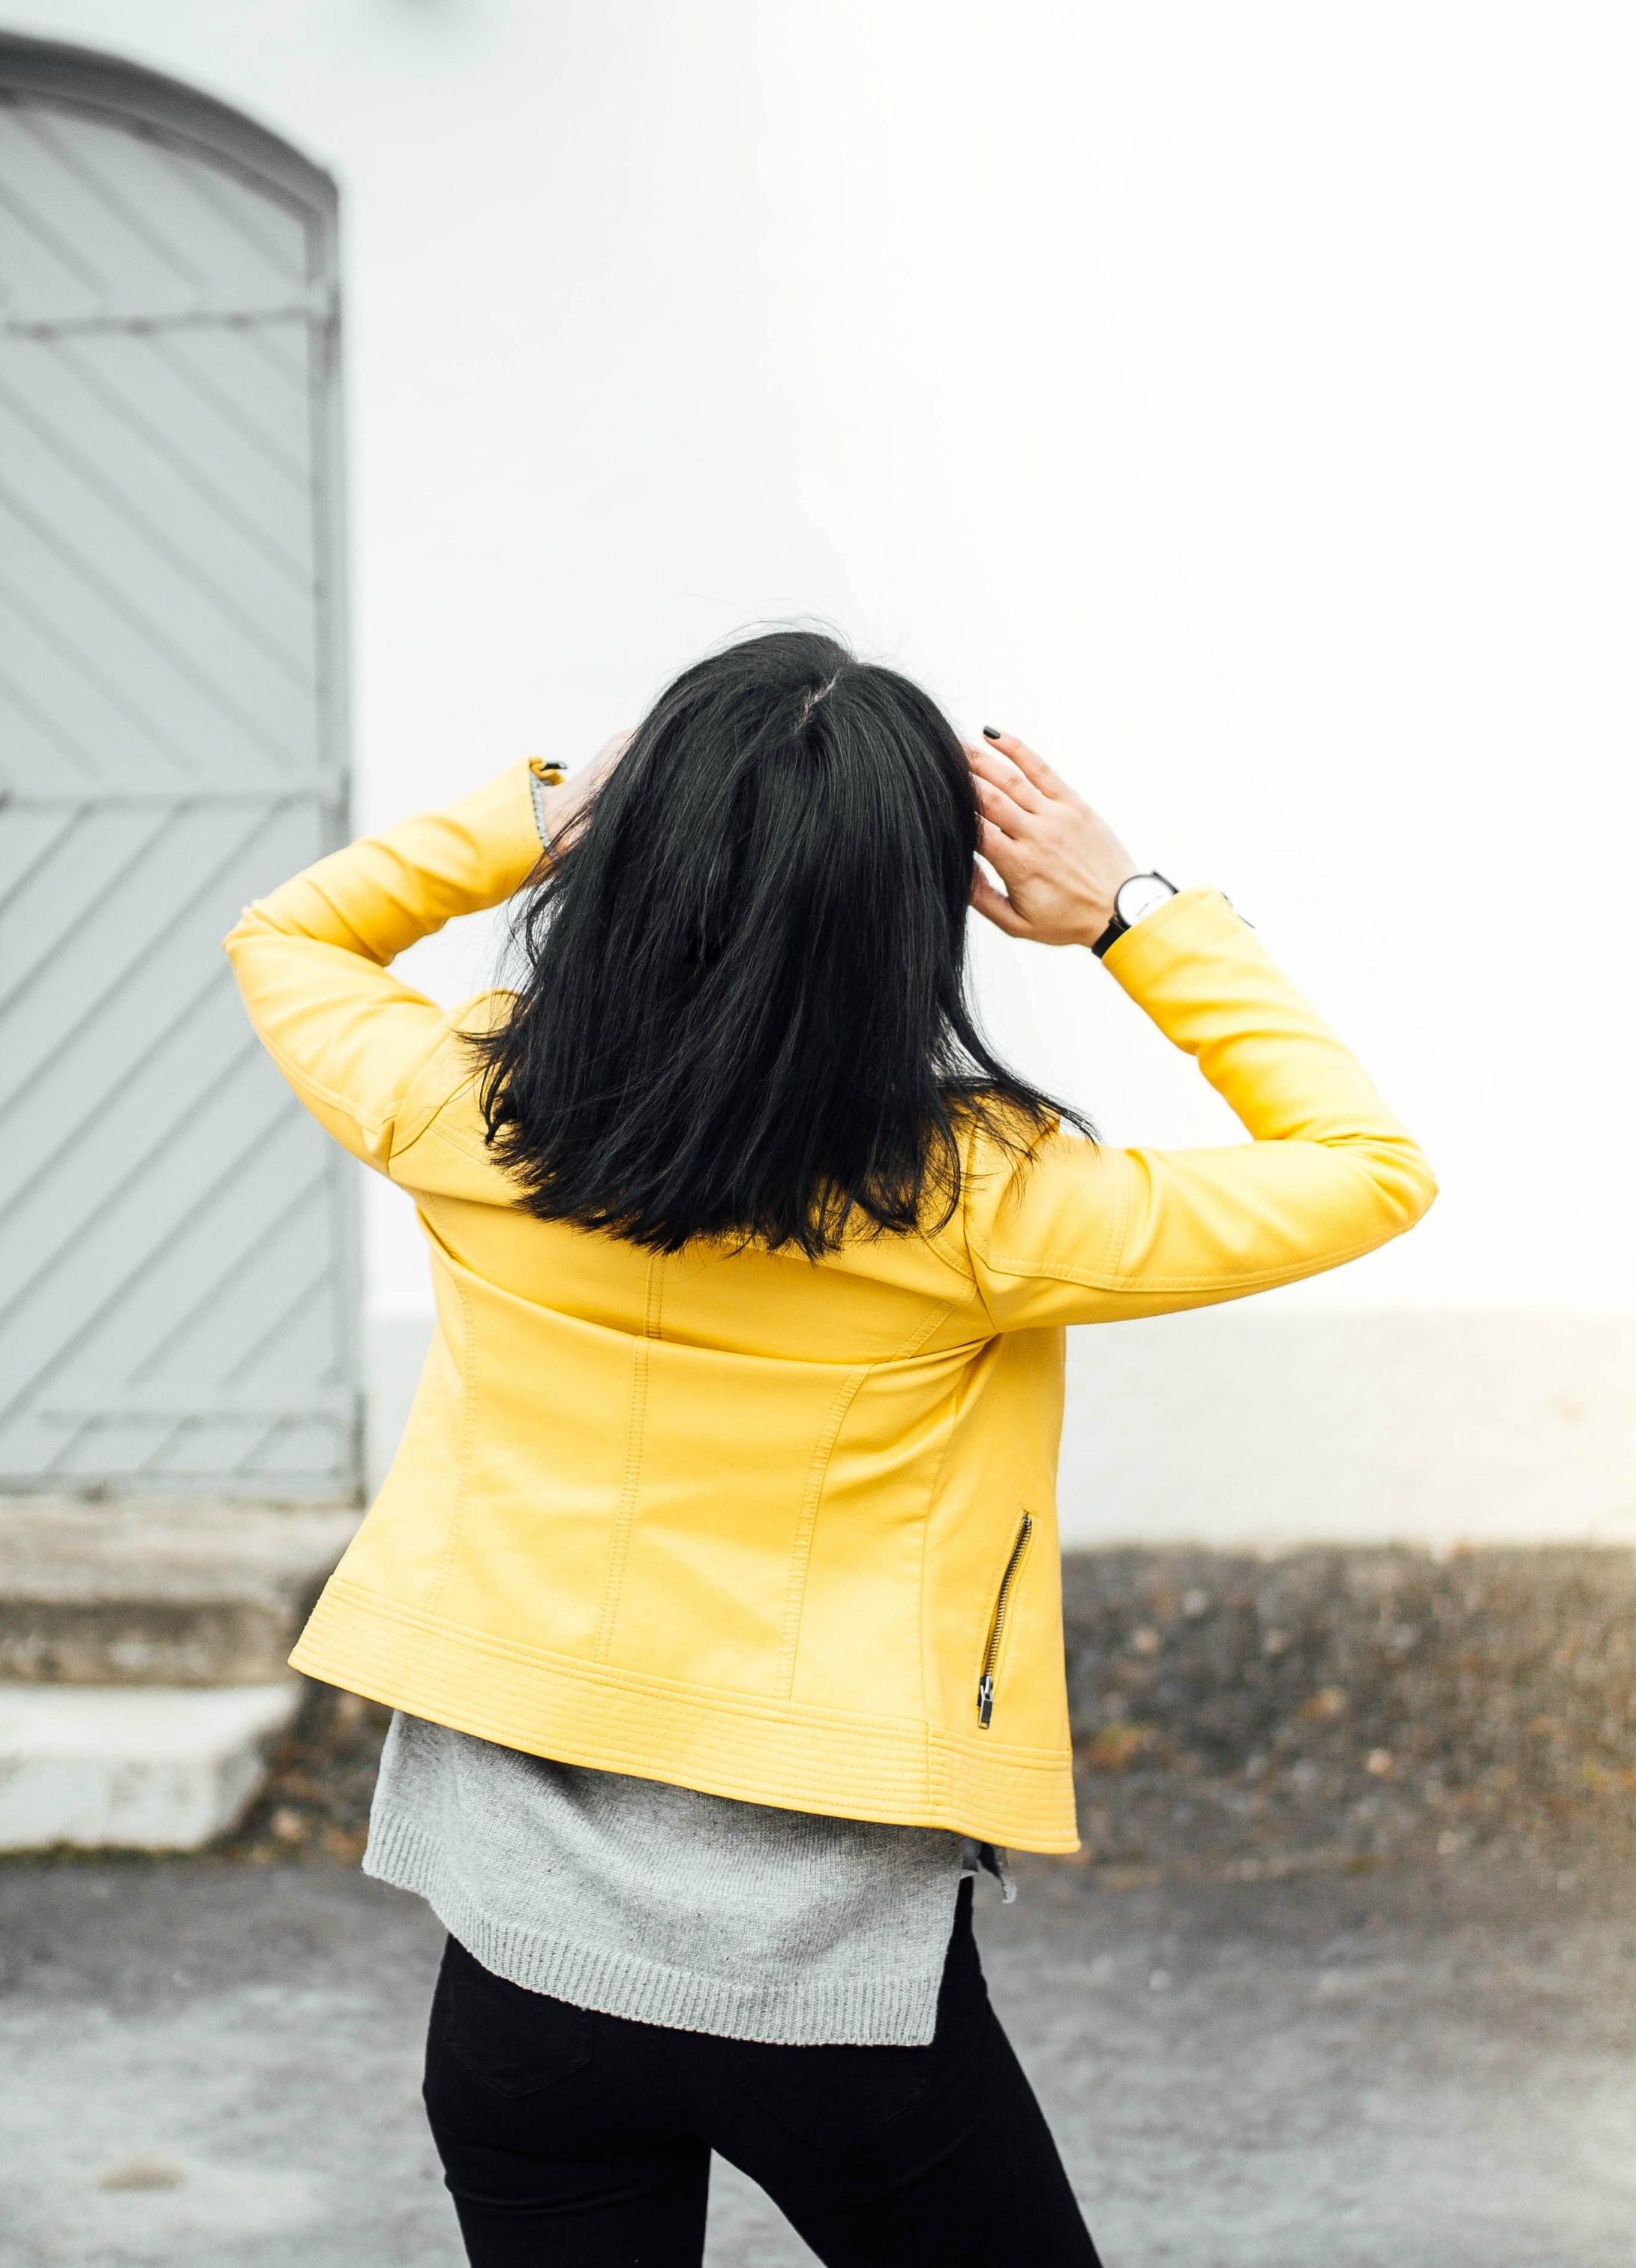 keltainen nahkatakki